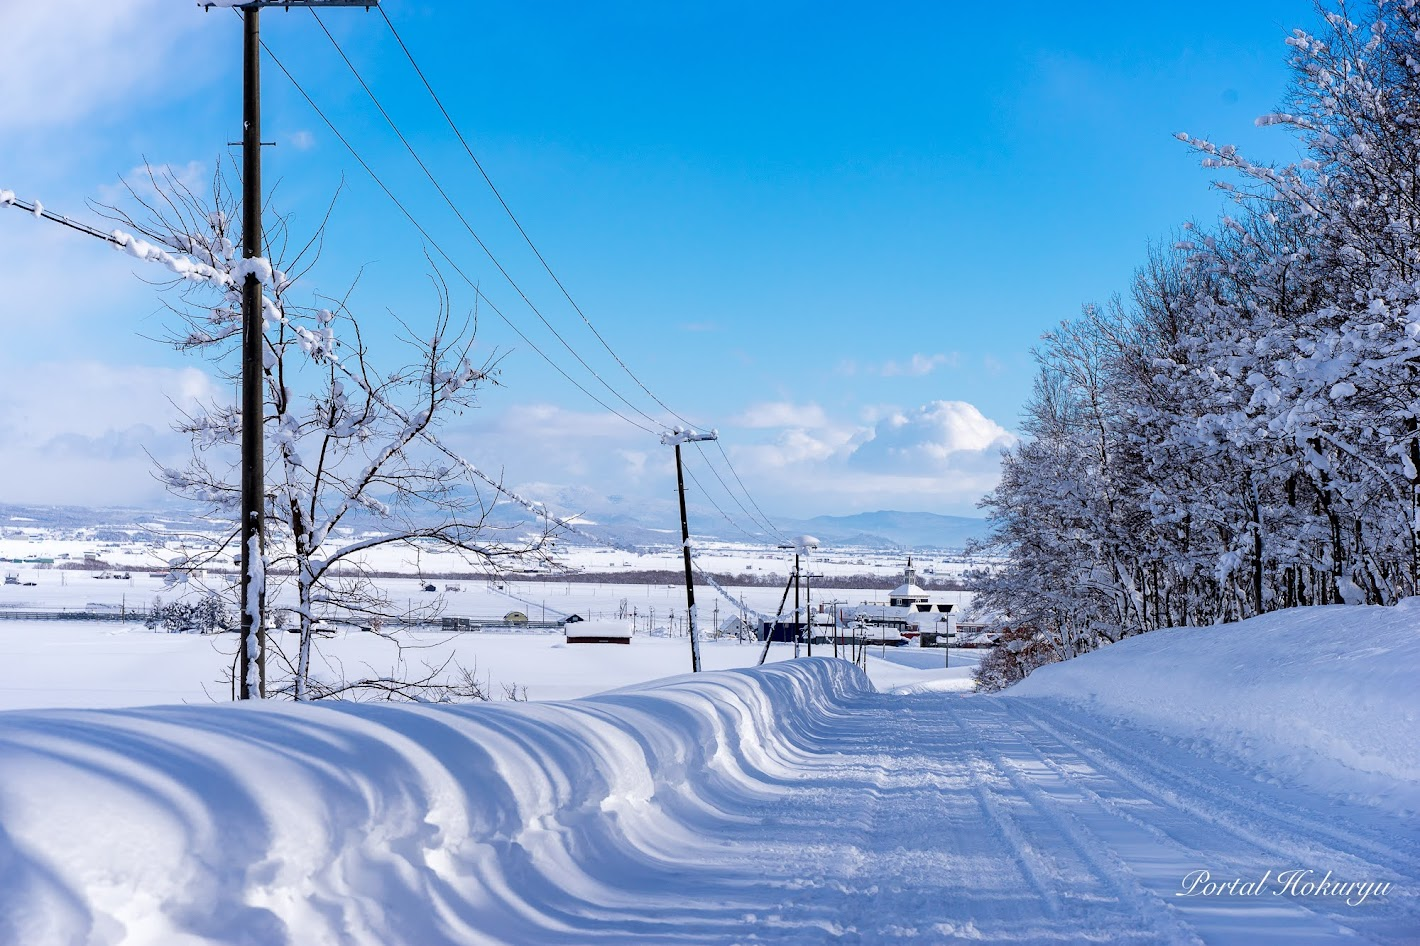 雪道に描かれた樹木のシルエット